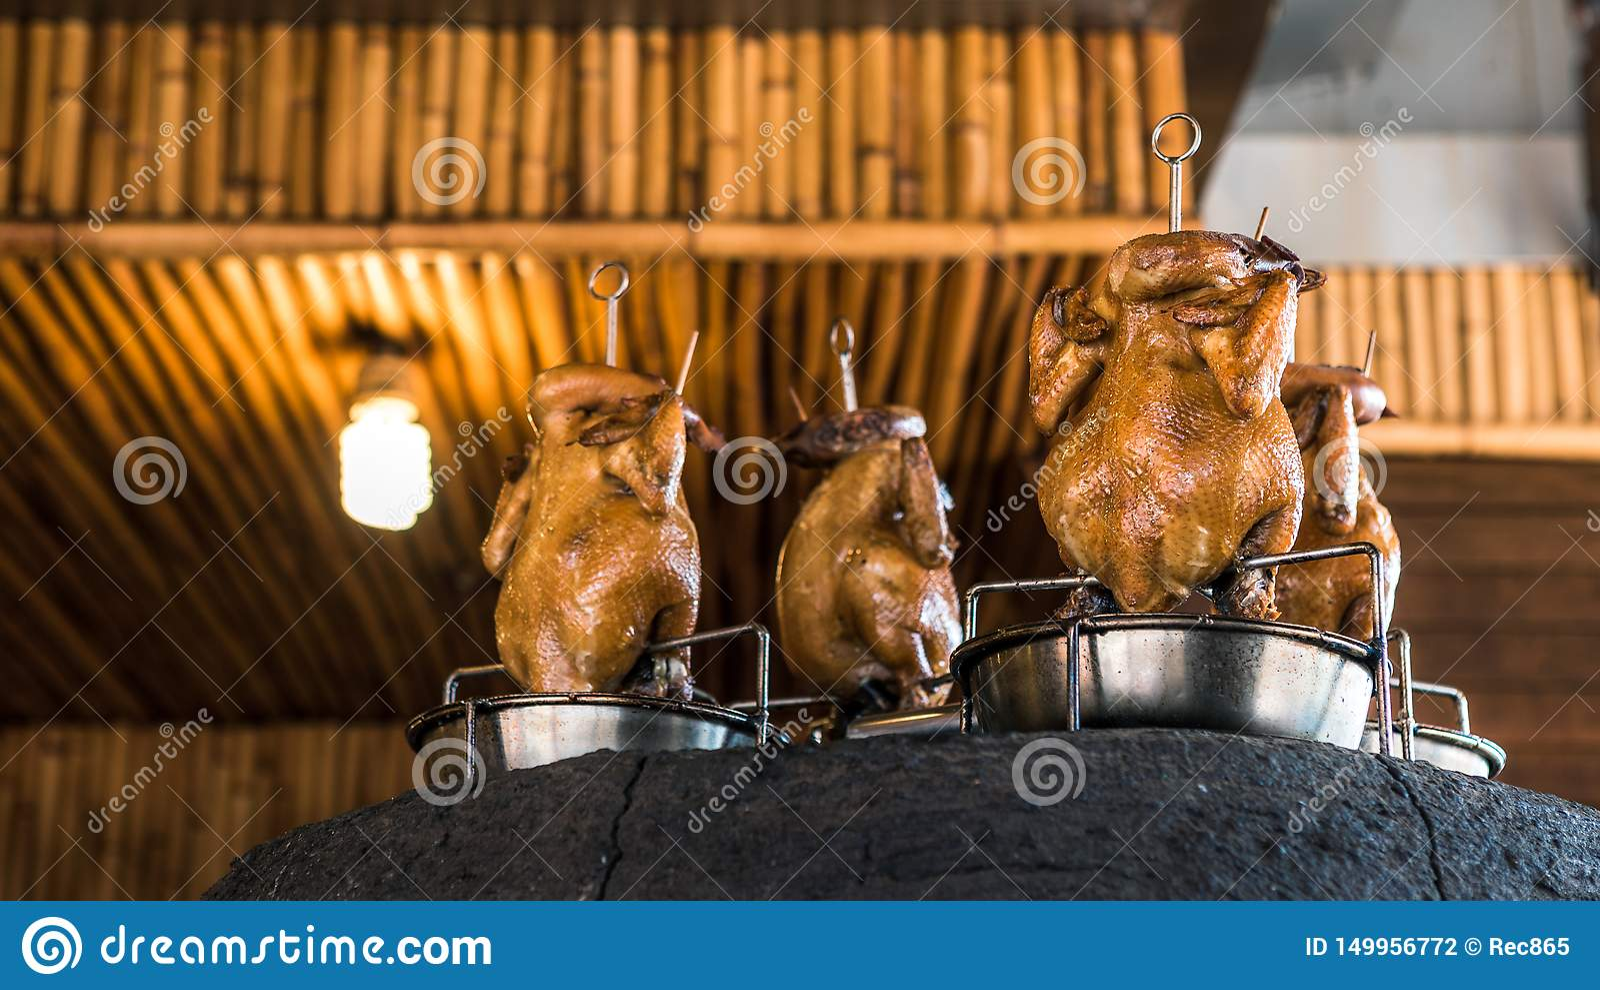 Тайваньская печь для обжига кирпича и жареный цыпленок в огромной печи глины